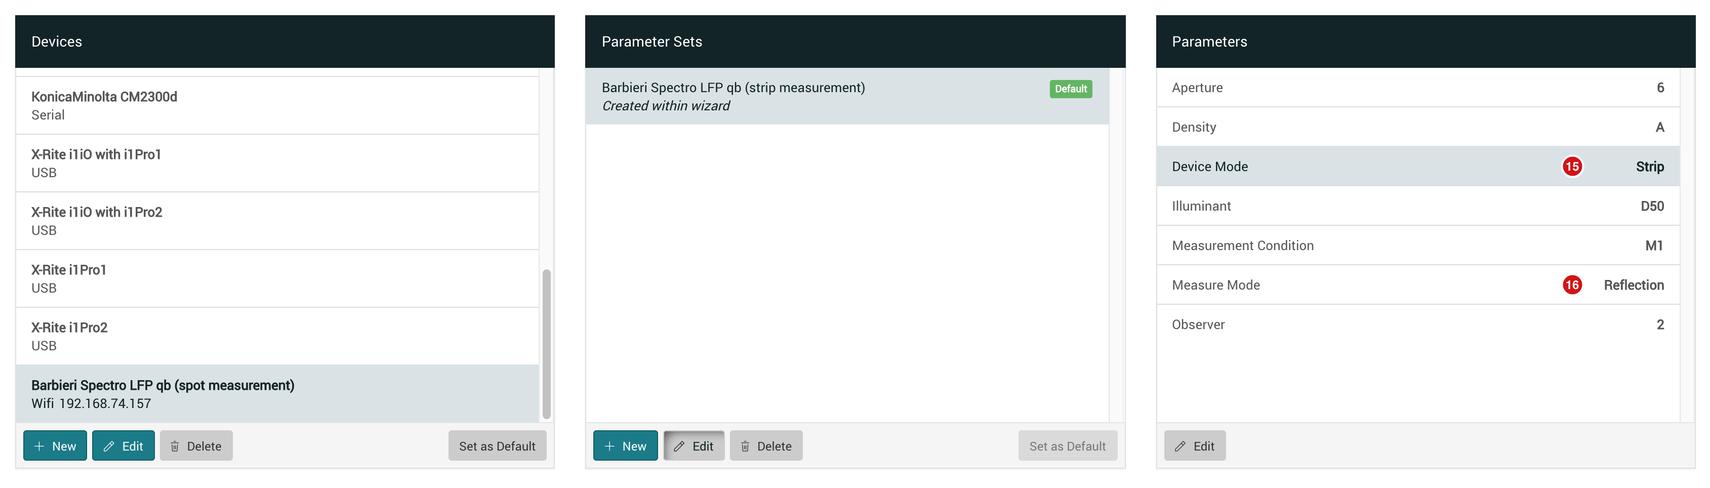 Spectro LFP qb strip measurements